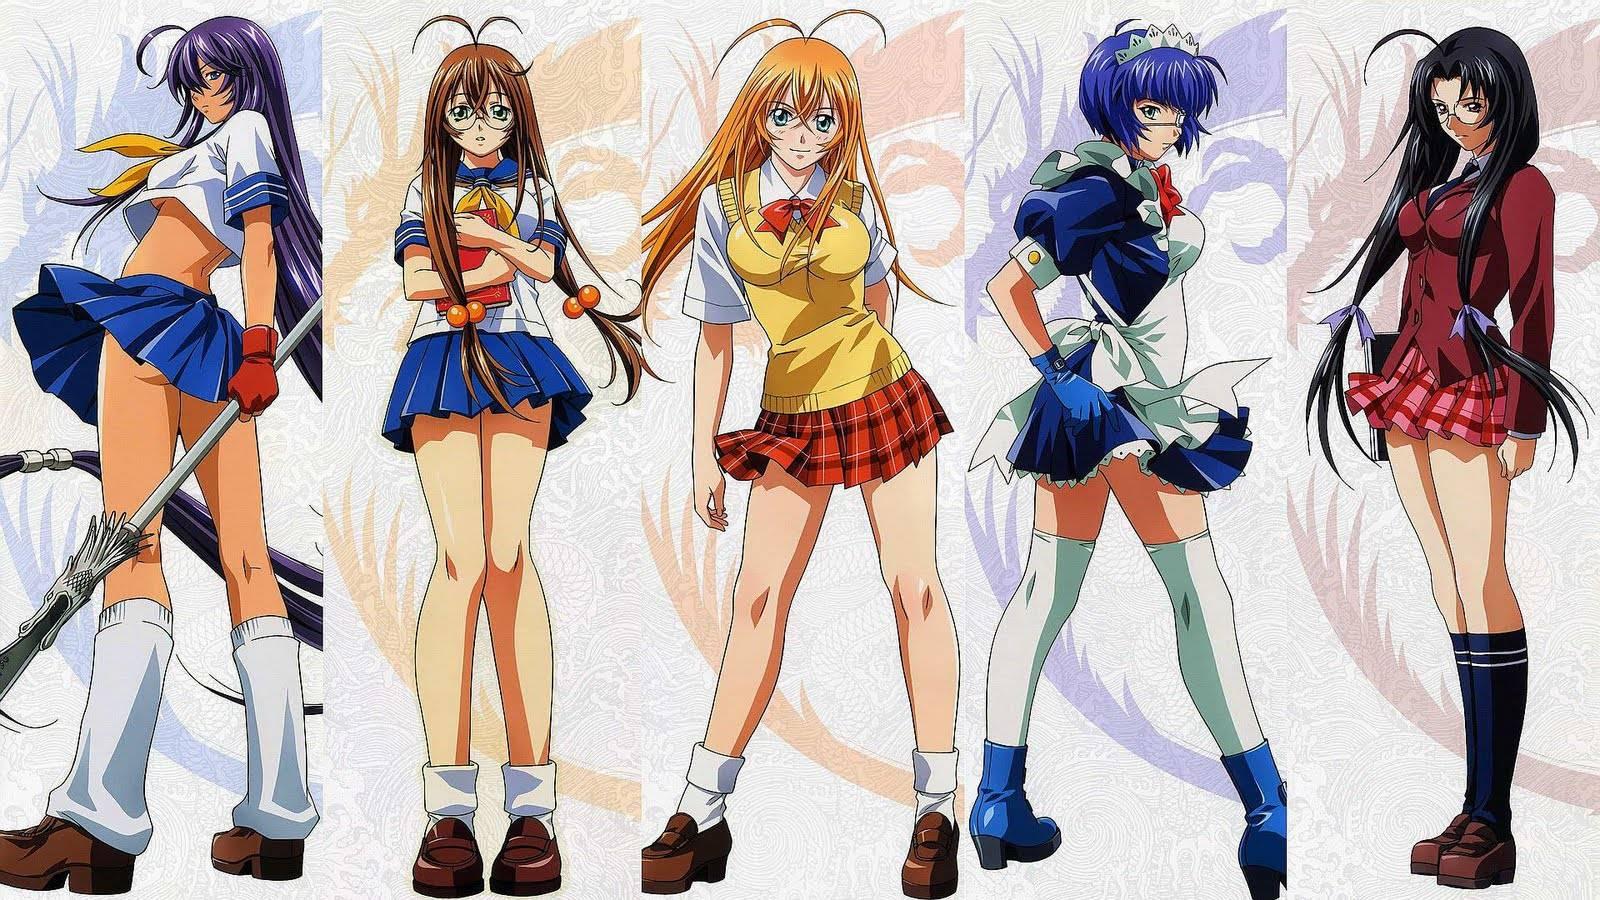 Super powerful girls   Ikkitousen Wallpaper 1600x900